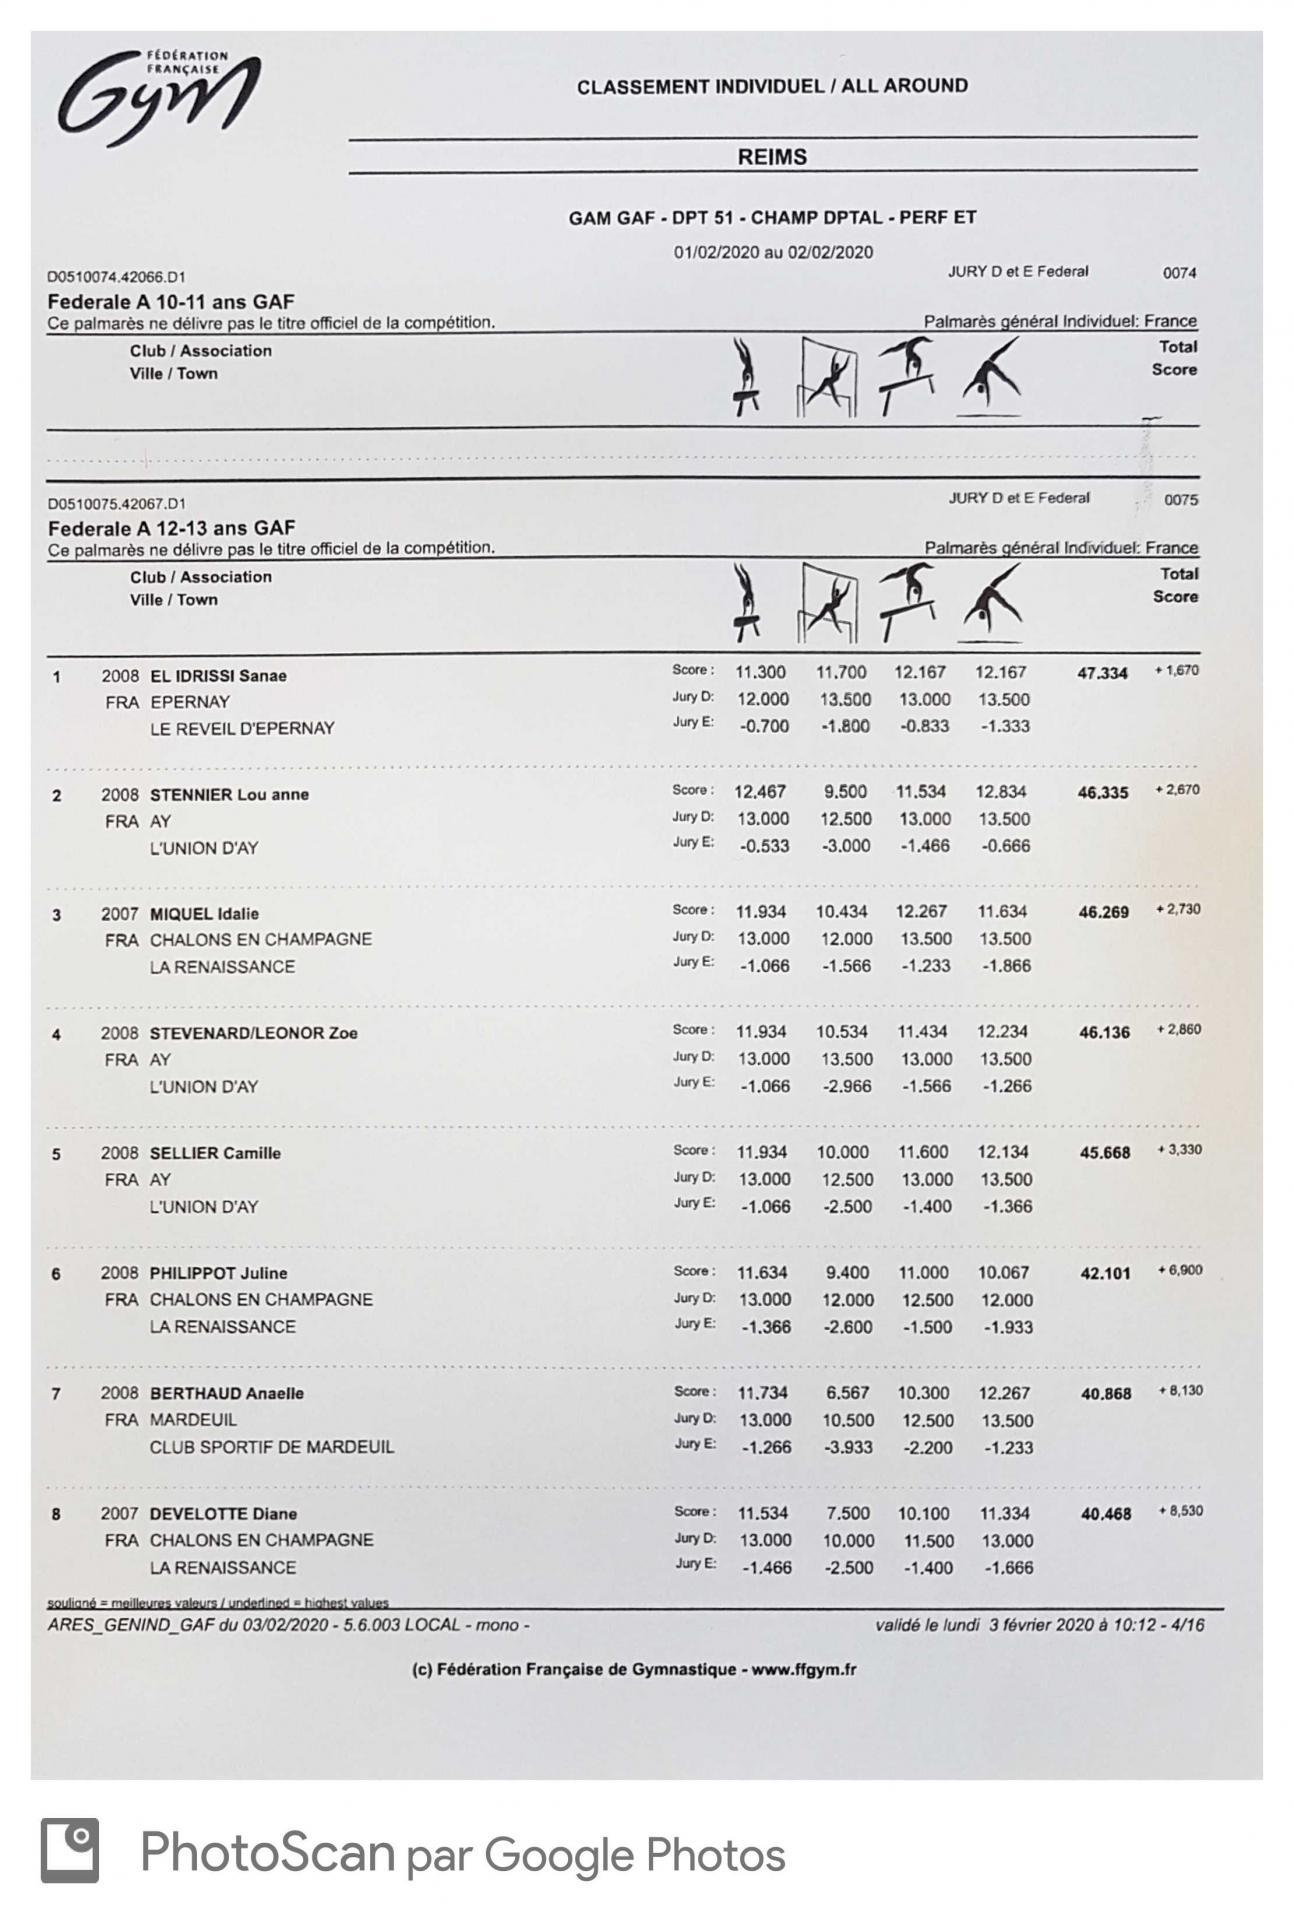 Résultats individuels départementale Fédérale A 12-13ans du 02/02/2020